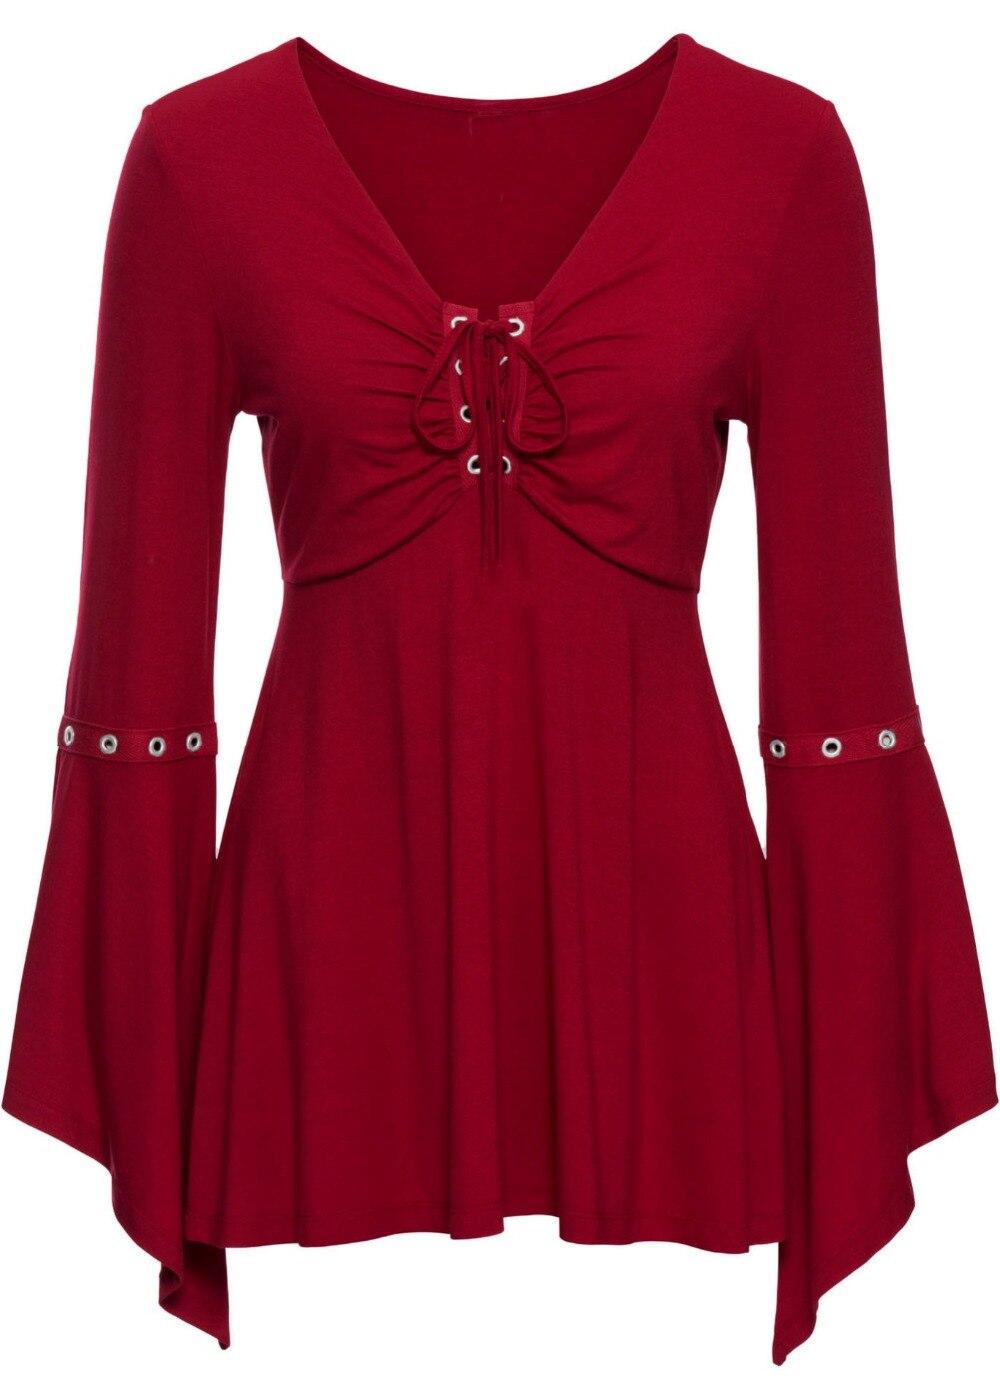 Vintage Damen Gothik Hemd BLUSE Top Spitzen-Rüsche Steampunk Viktorianisch